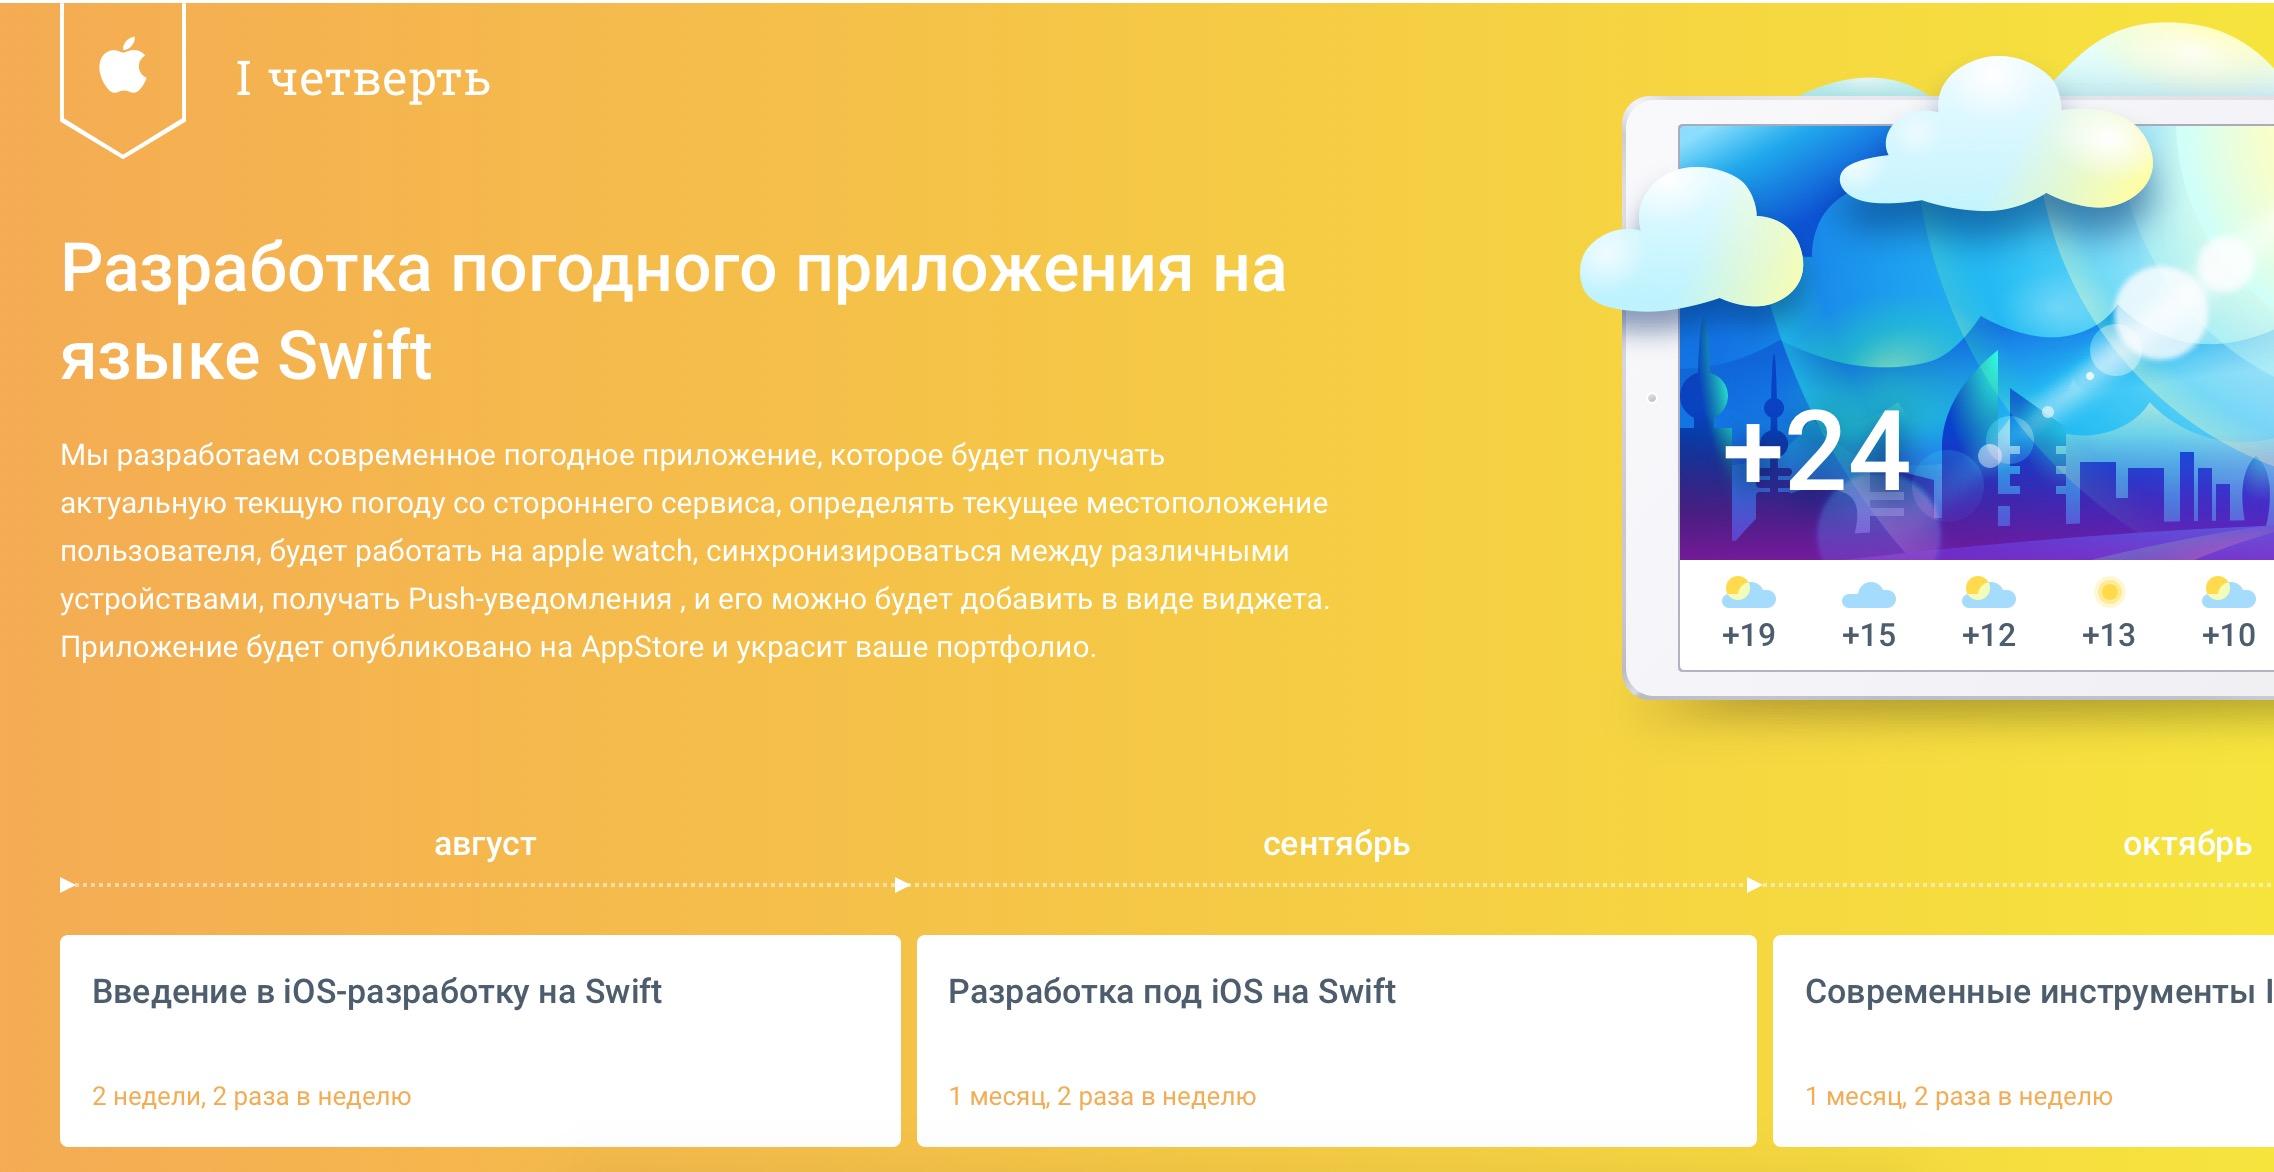 Пять советов по созданию приложения для iOS «с нуля»